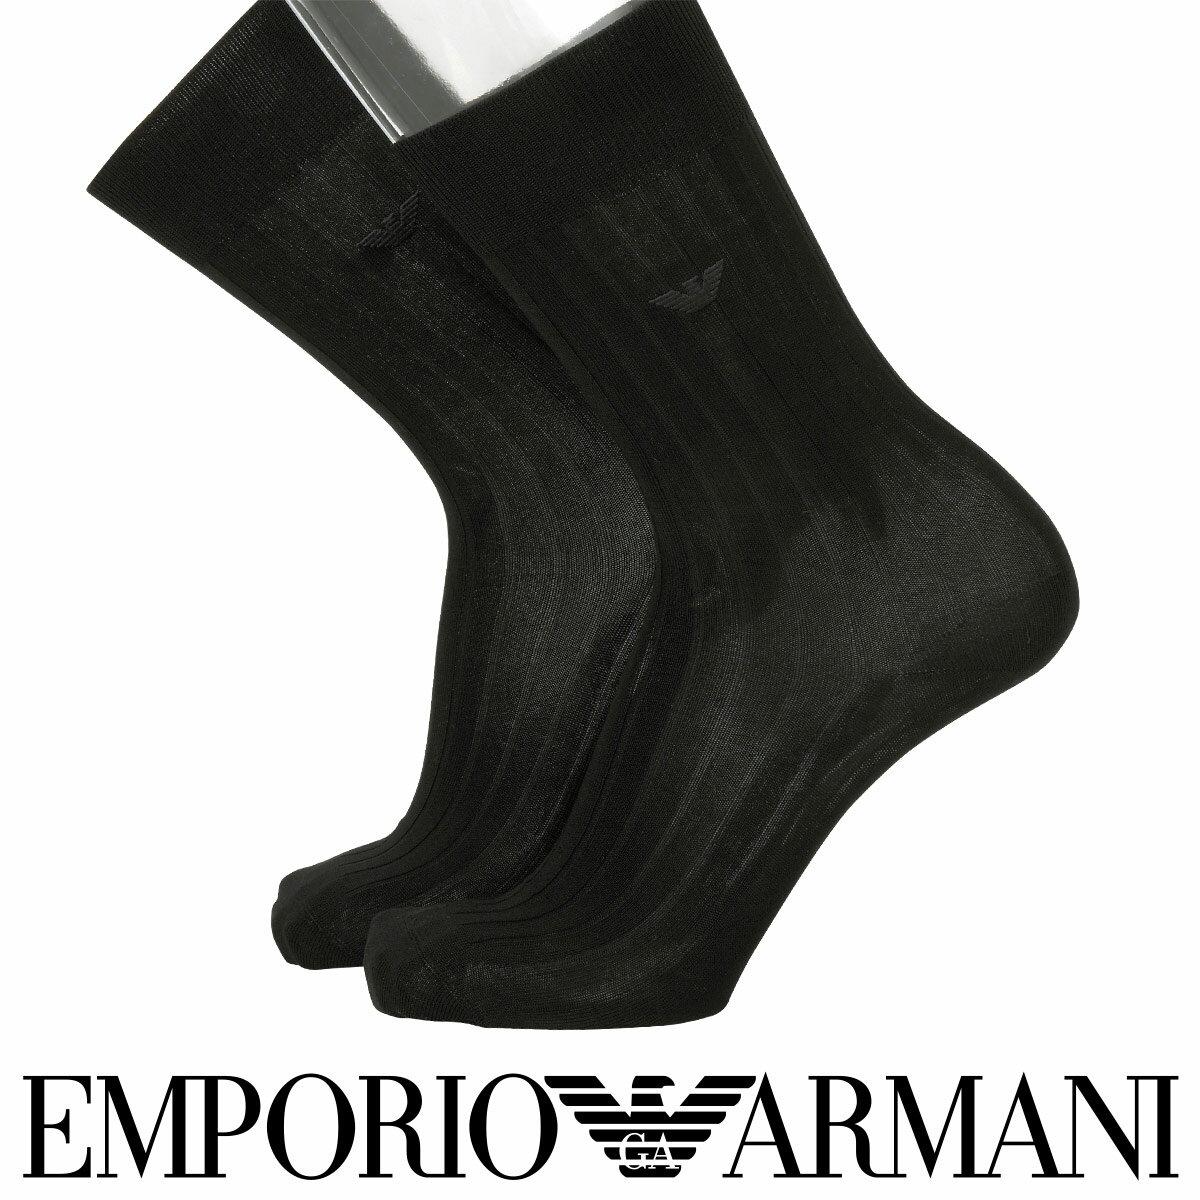 EMPORIO ARMANI ( エンポリオ アルマーニ )抗菌防臭 メンズ ビジネス ソックス 靴下 Dress リブ クルー丈 ソックス男性 メンズ プレゼント 贈答 ギフト2312-410ポイント10倍